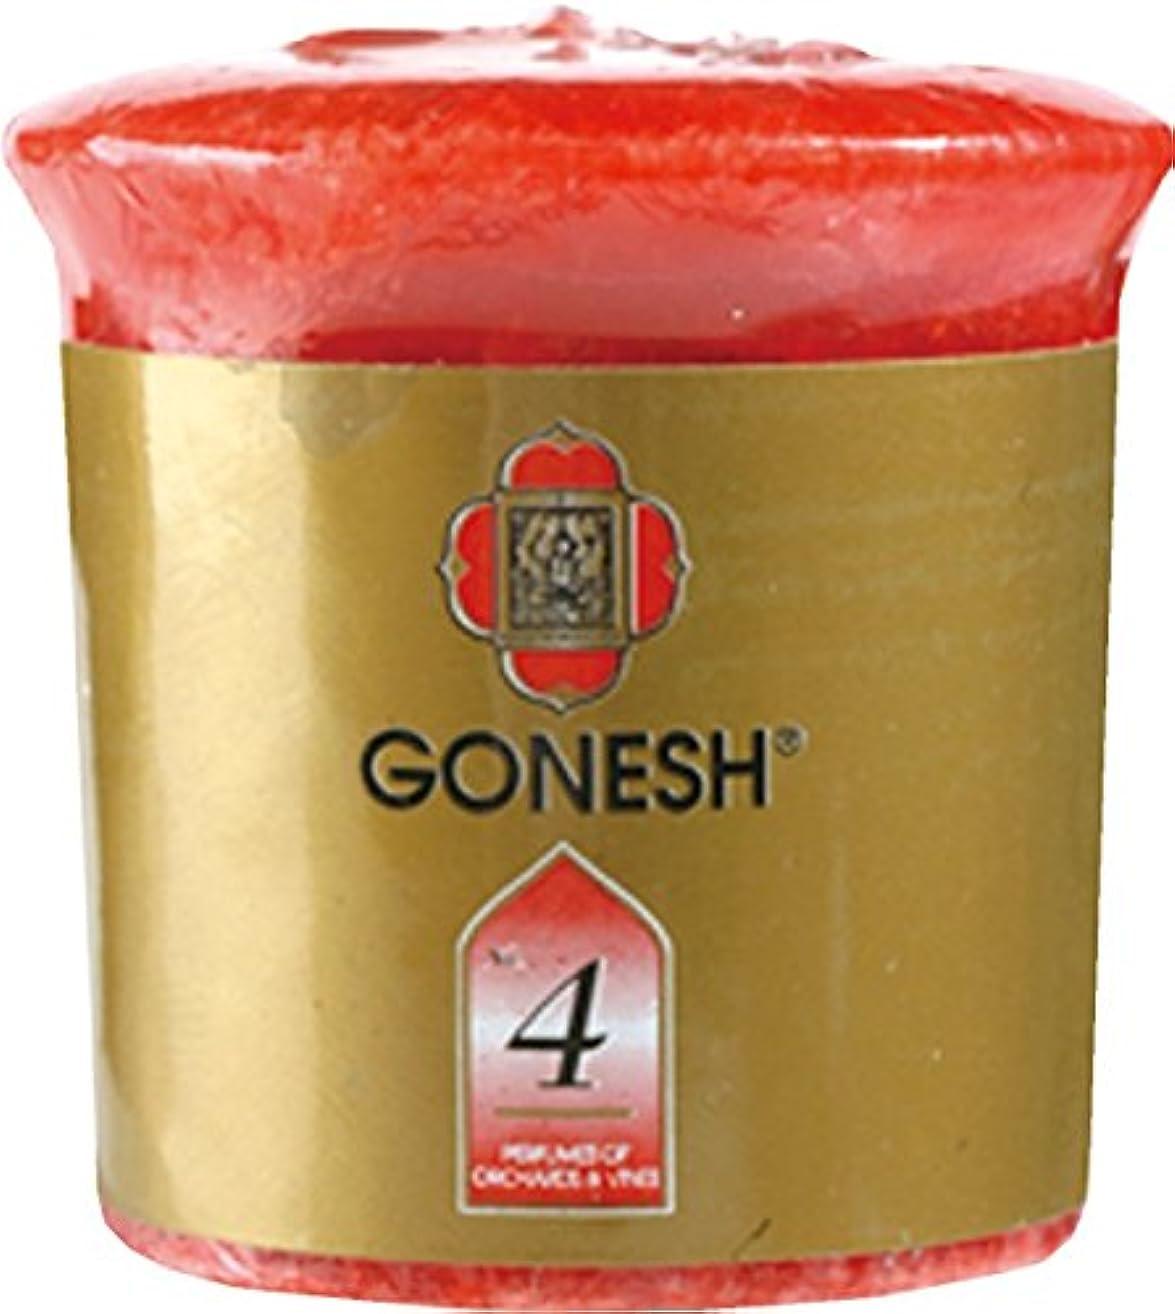 推論発明忠実GONESH VOTIVE CANDLE #4 ガーネッシュボーティブキャンドル#4 X 6個セット